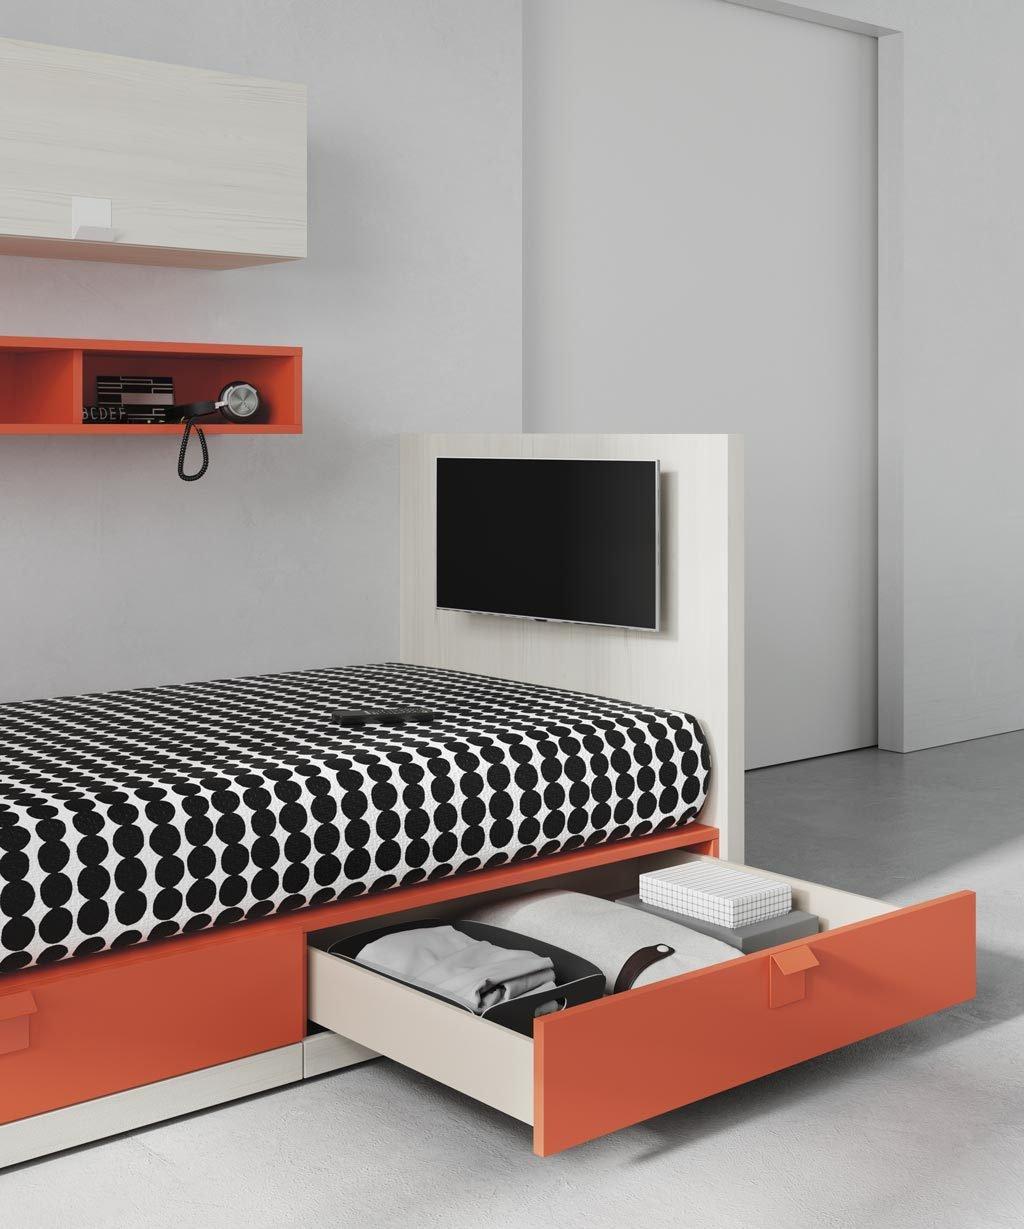 La cama dispone de dos cajones de gran capacidad y puedes tener una TV en la cama